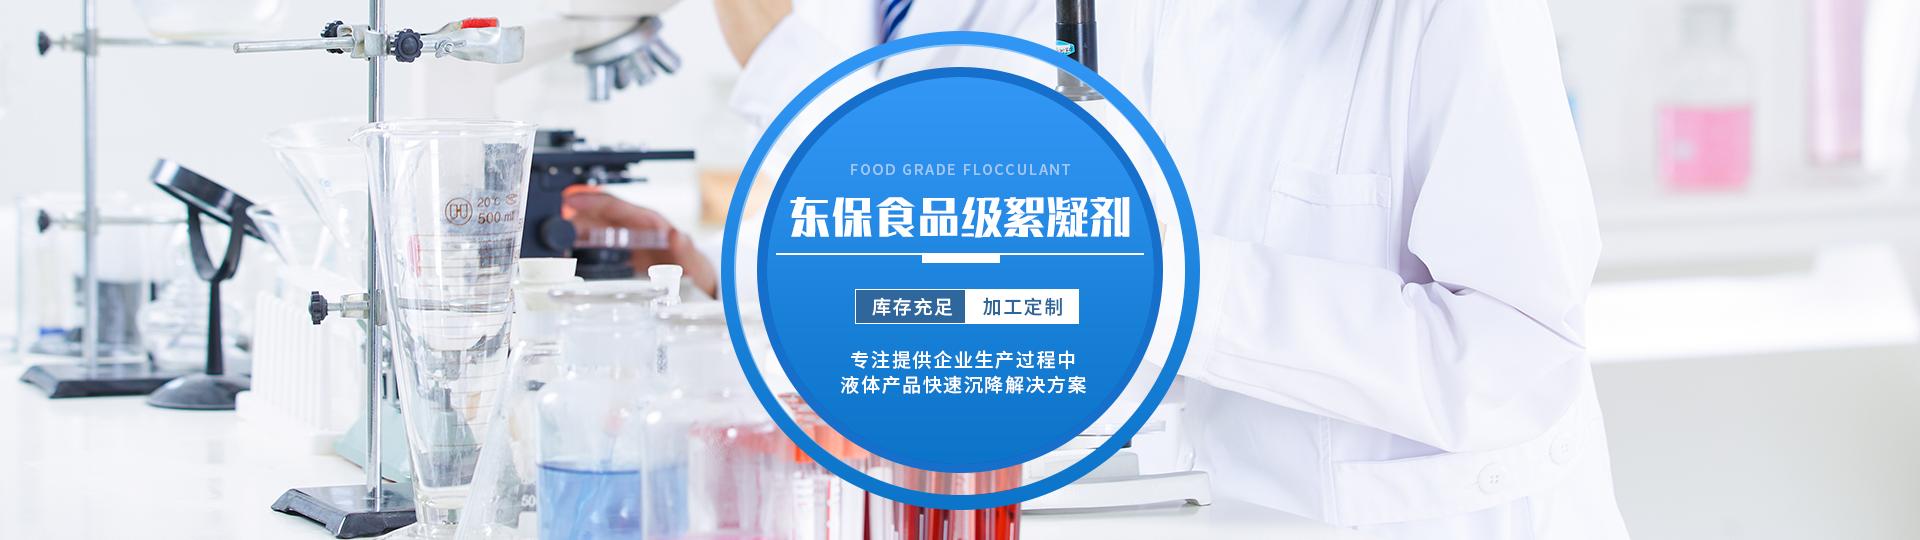 食品级絮凝剂厂家-食品级聚丙烯酰胺絮凝剂-东保絮凝剂